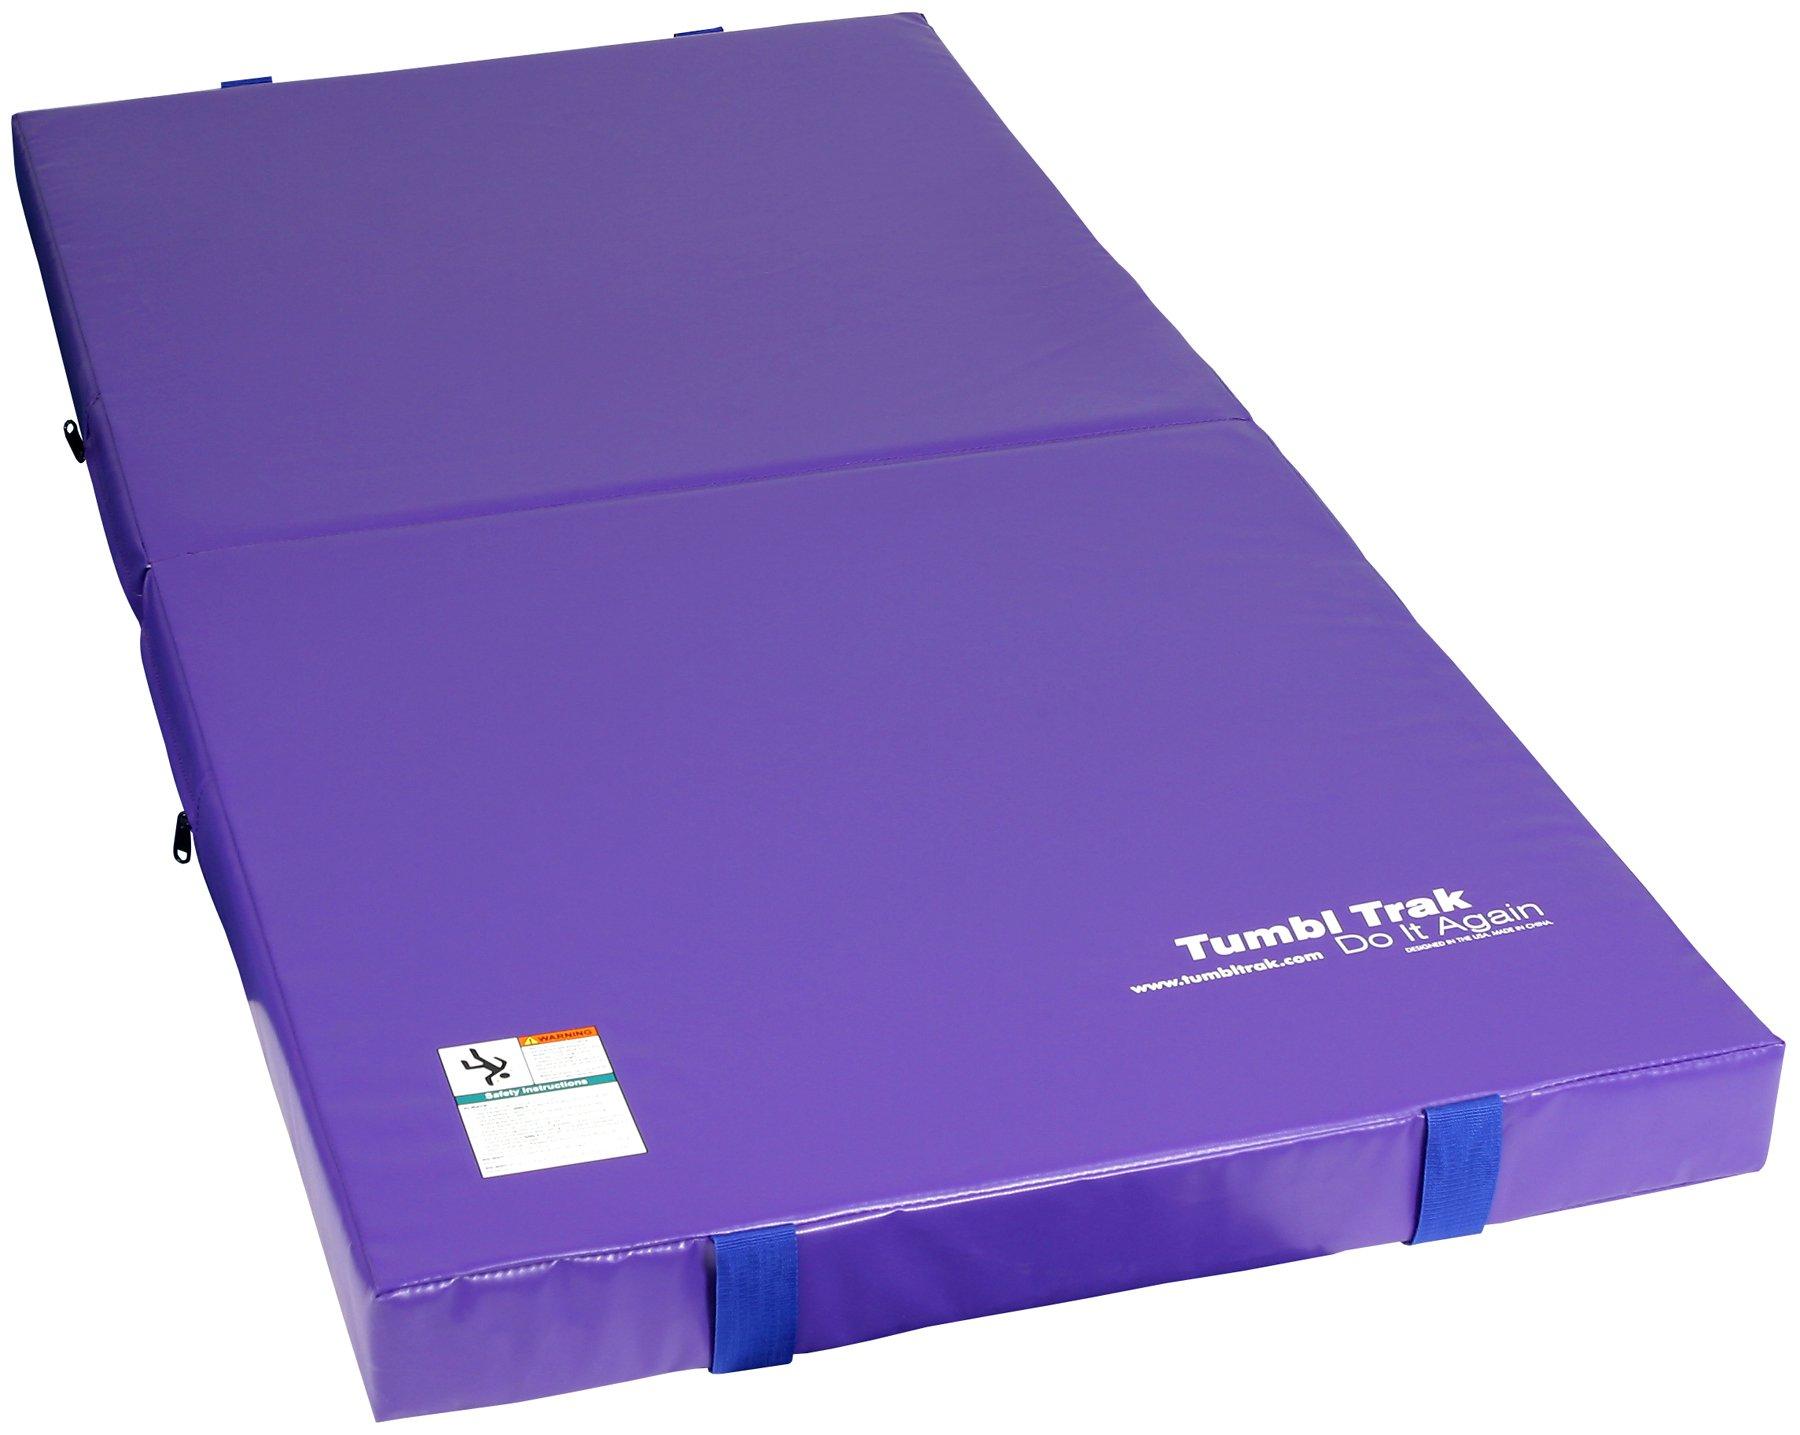 Tumbl Trak Junior Practice Mat, Purple, 3 ft x 6 ft x 4 in